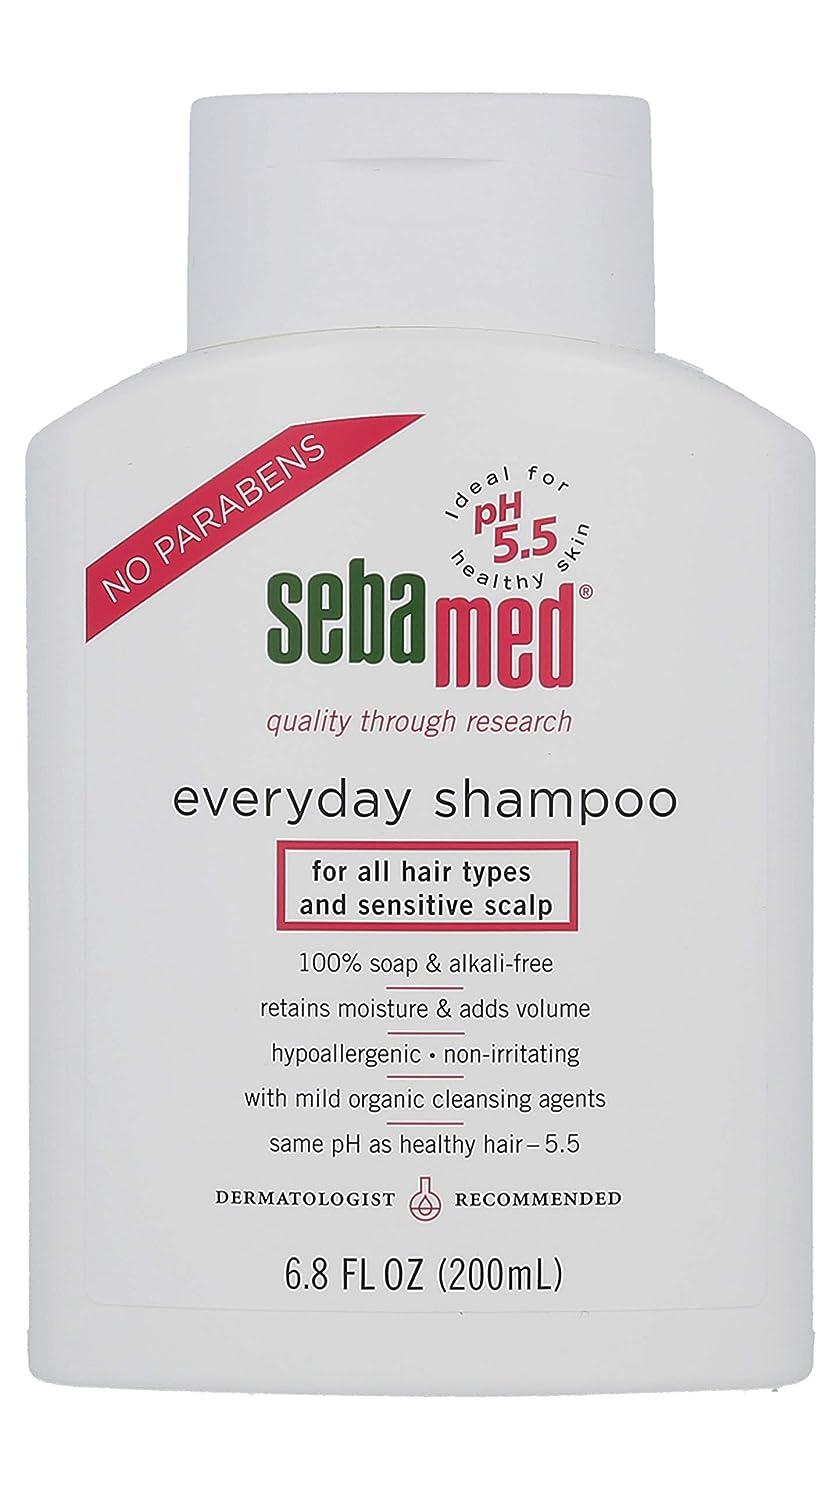 浪費ビル生物学Sebamed everyday shampoo, for all hair types and sensitive scalp, 6.8 Fluid Ounce Bottle by Sebamed